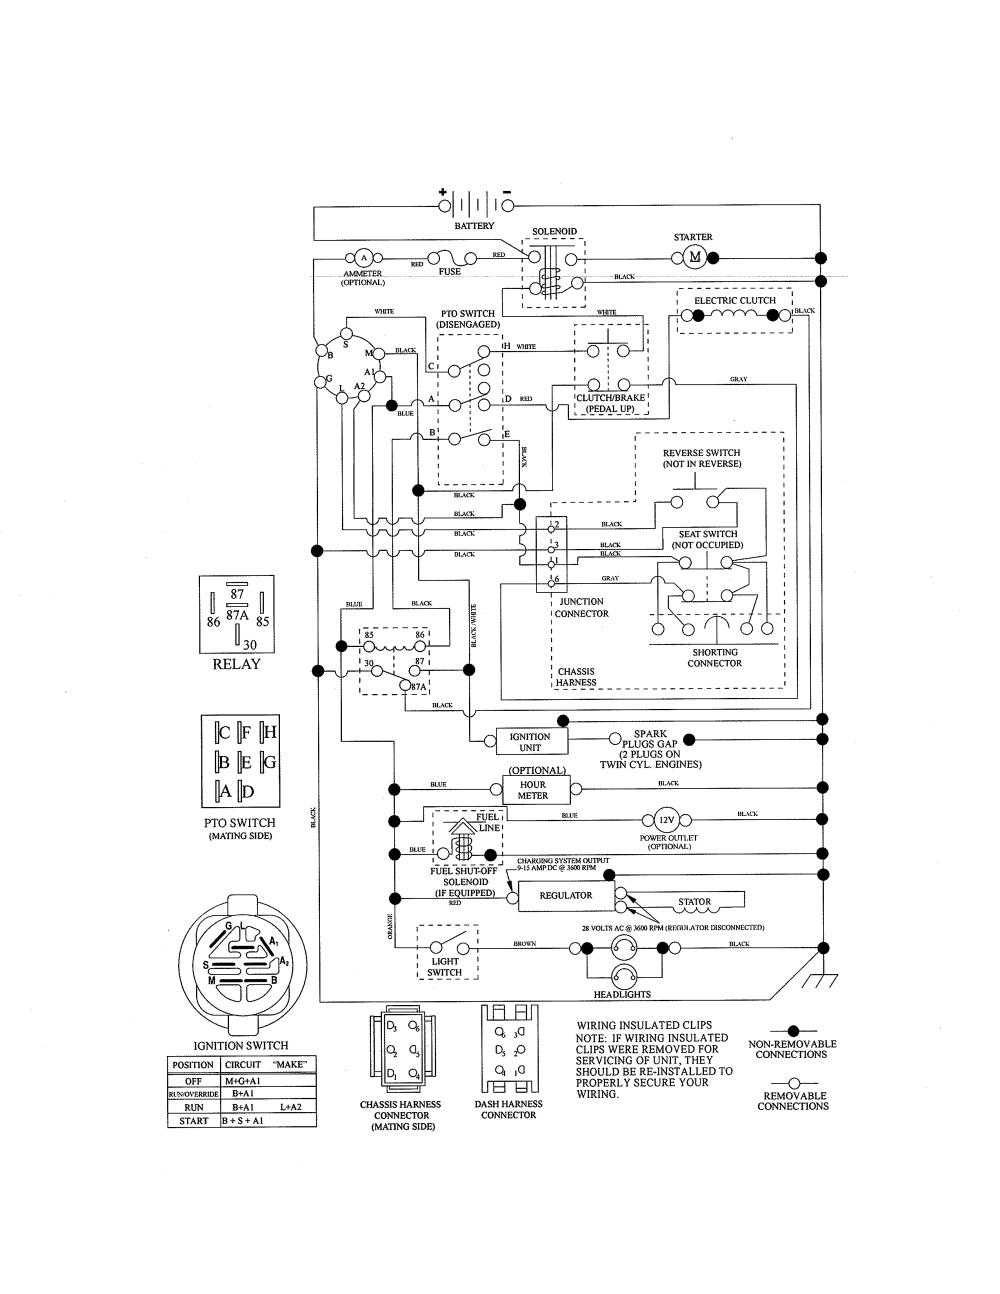 medium resolution of sears dlt 3000 craftsman wiring best site wiring harness craftsman riding mower wiring schematic craftsman garden tractor wiring diagram